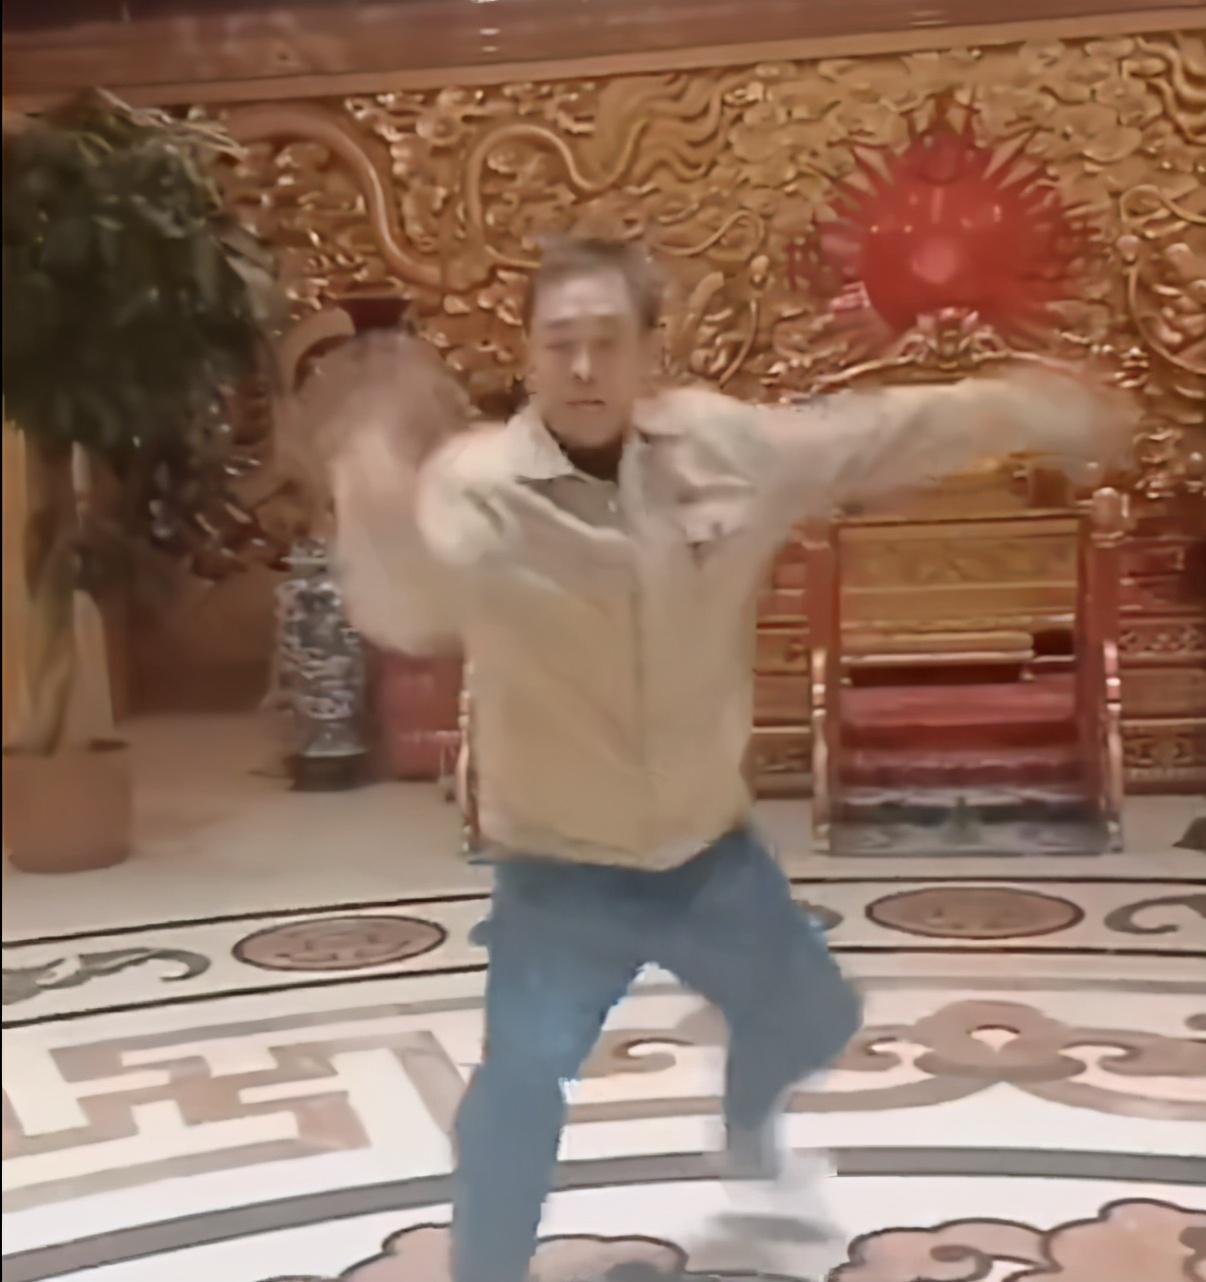 马保国百秒短片宣布重出江湖!成史上最短隐退大师,网友:太悲哀